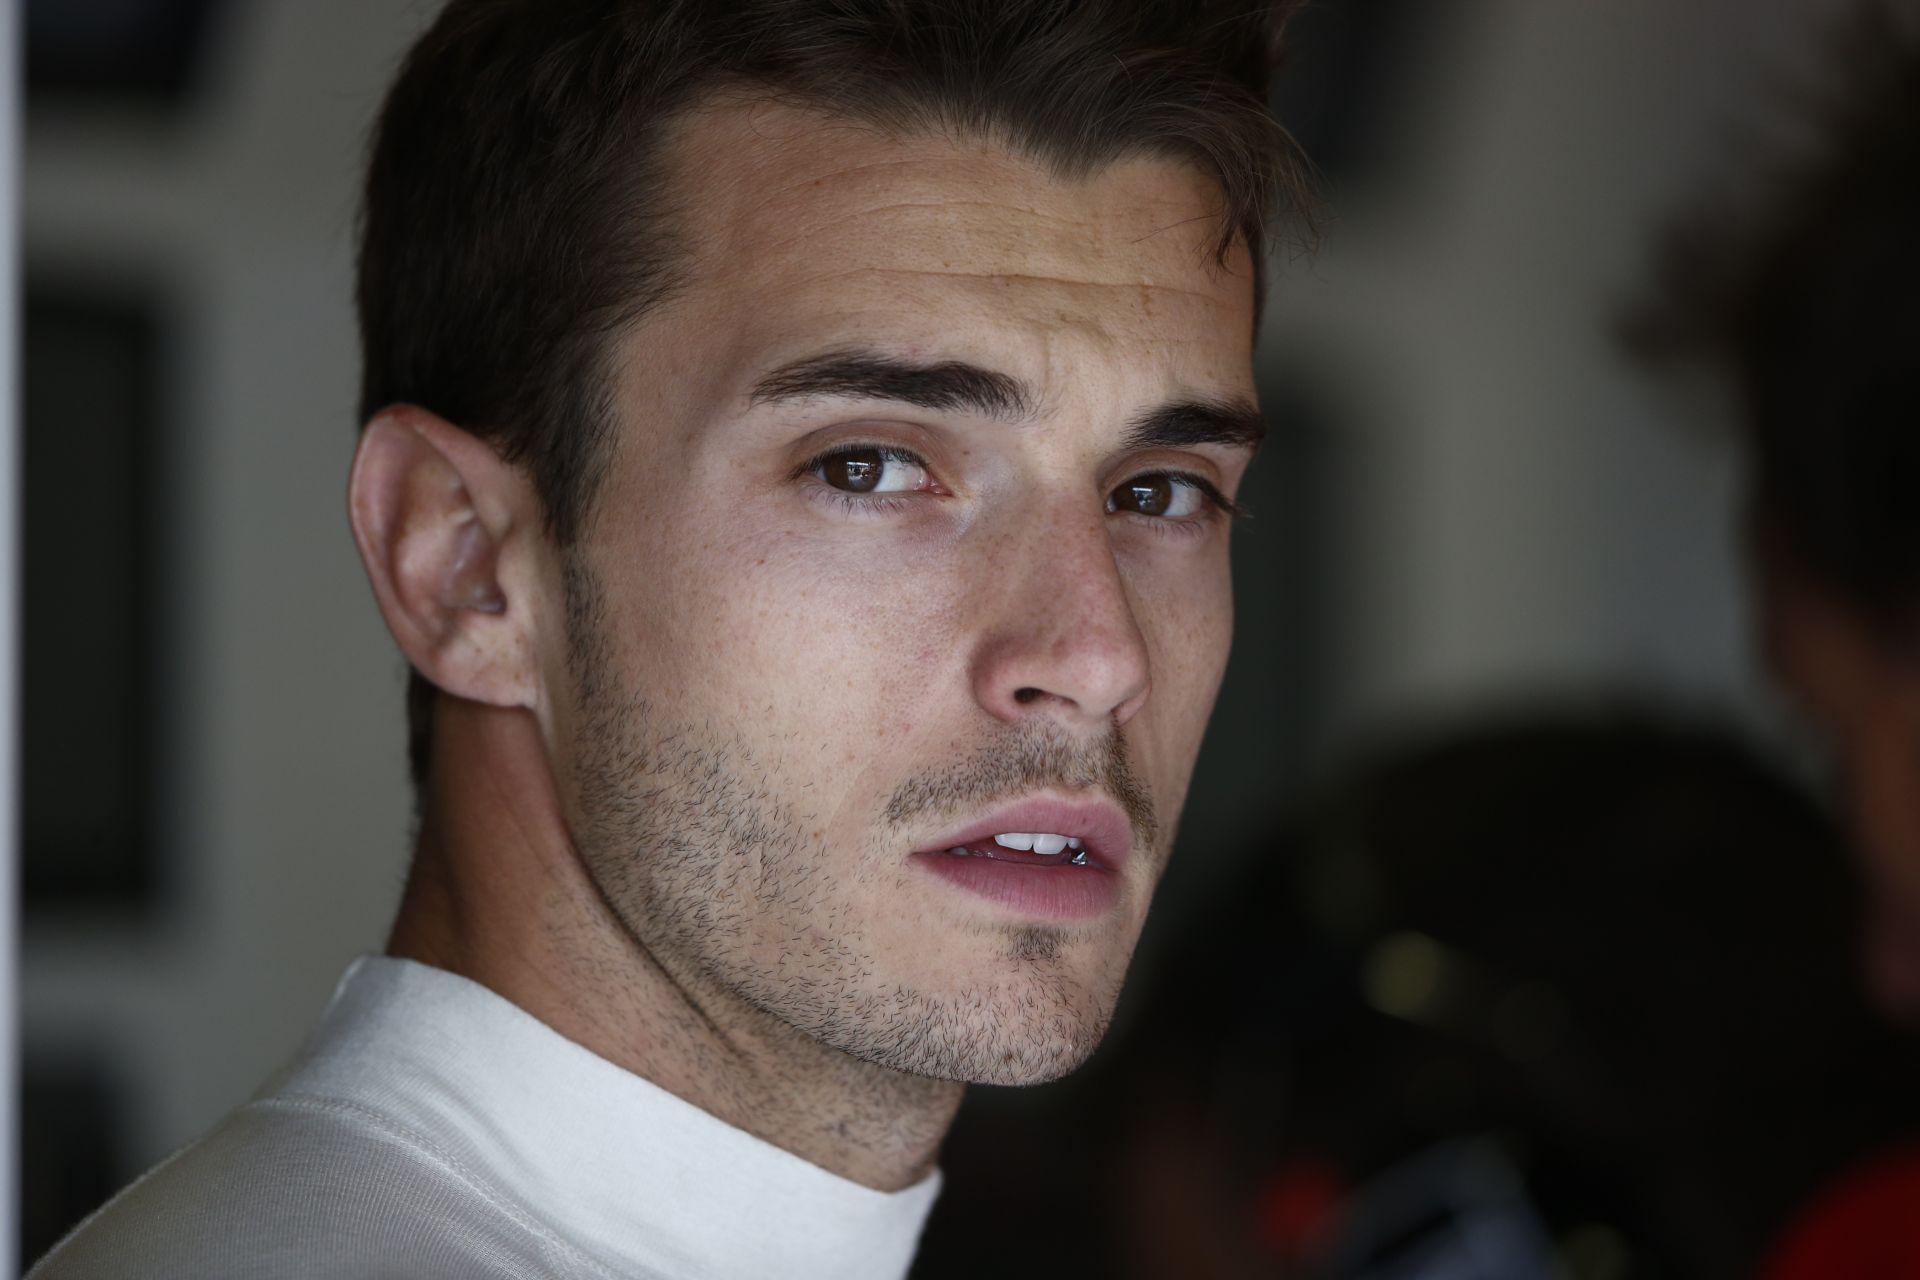 Türelmet és megértést kér a rajongóktól a Marussia Bianchi súlyos balesete miatt